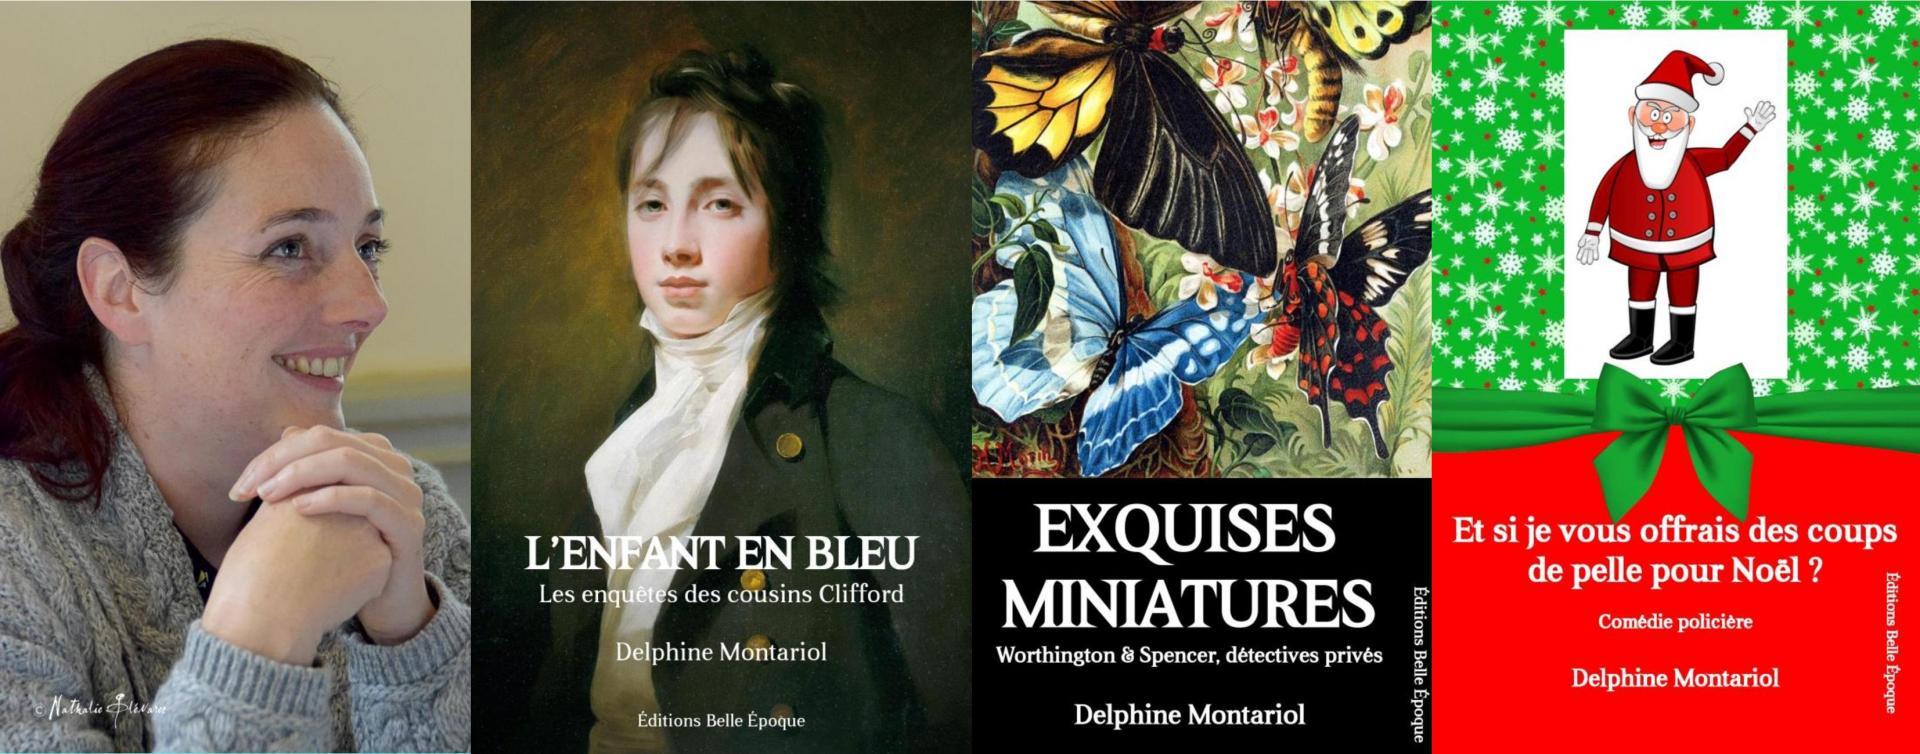 Delphine Montariol, romancière et scénariste